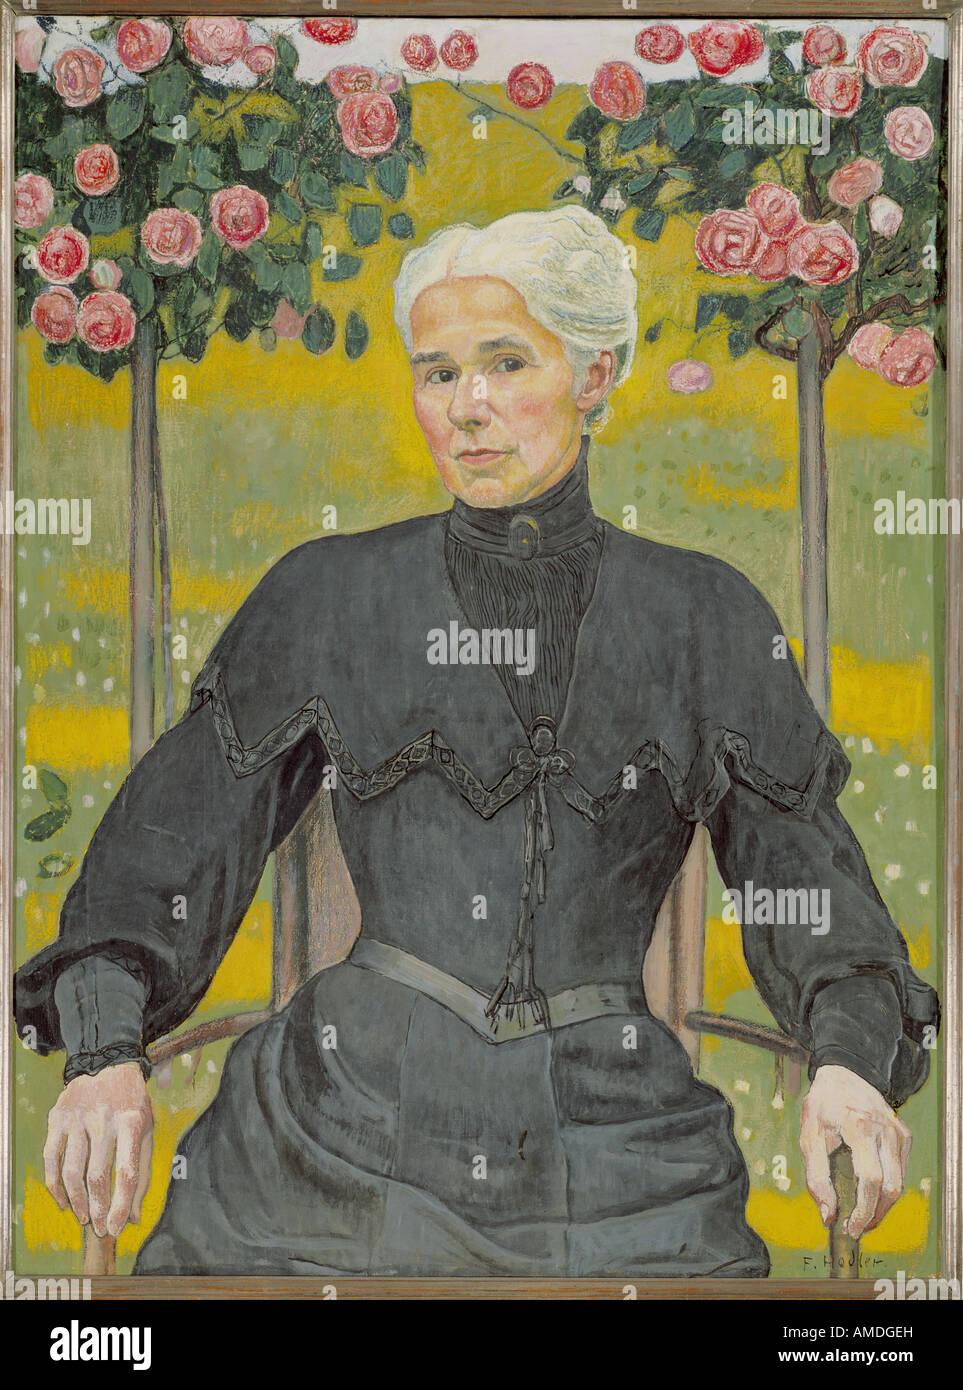 'Fine Arts, Hodler, Ferdinand, (1853 - 1918), peinture, 'Madame' d'Emme, propriété privée, Photo Stock